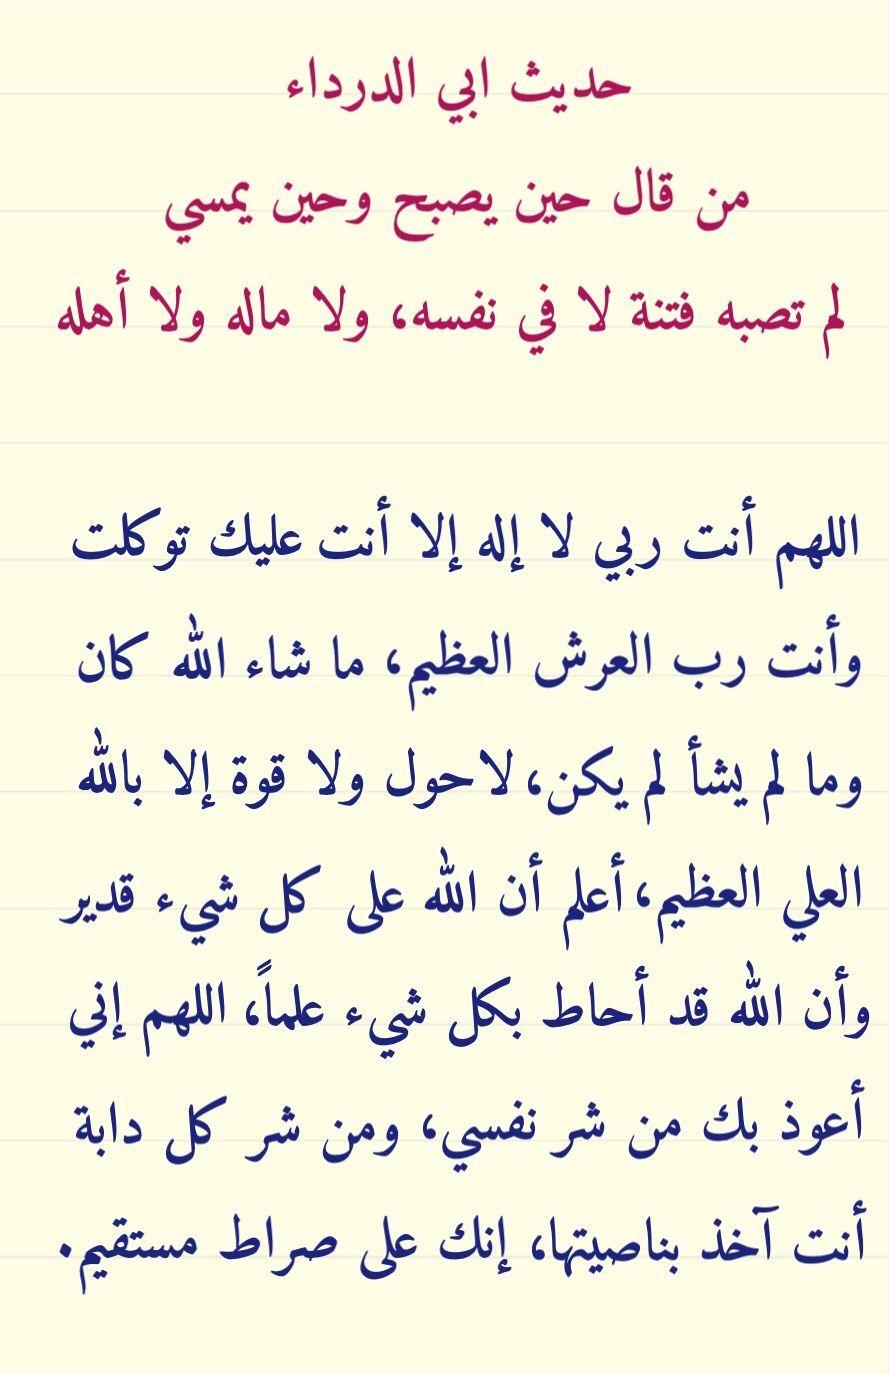 حديث ابي الدرداء في حفظ النفس والمال والاهل Quran Verses Verses Holy Quran